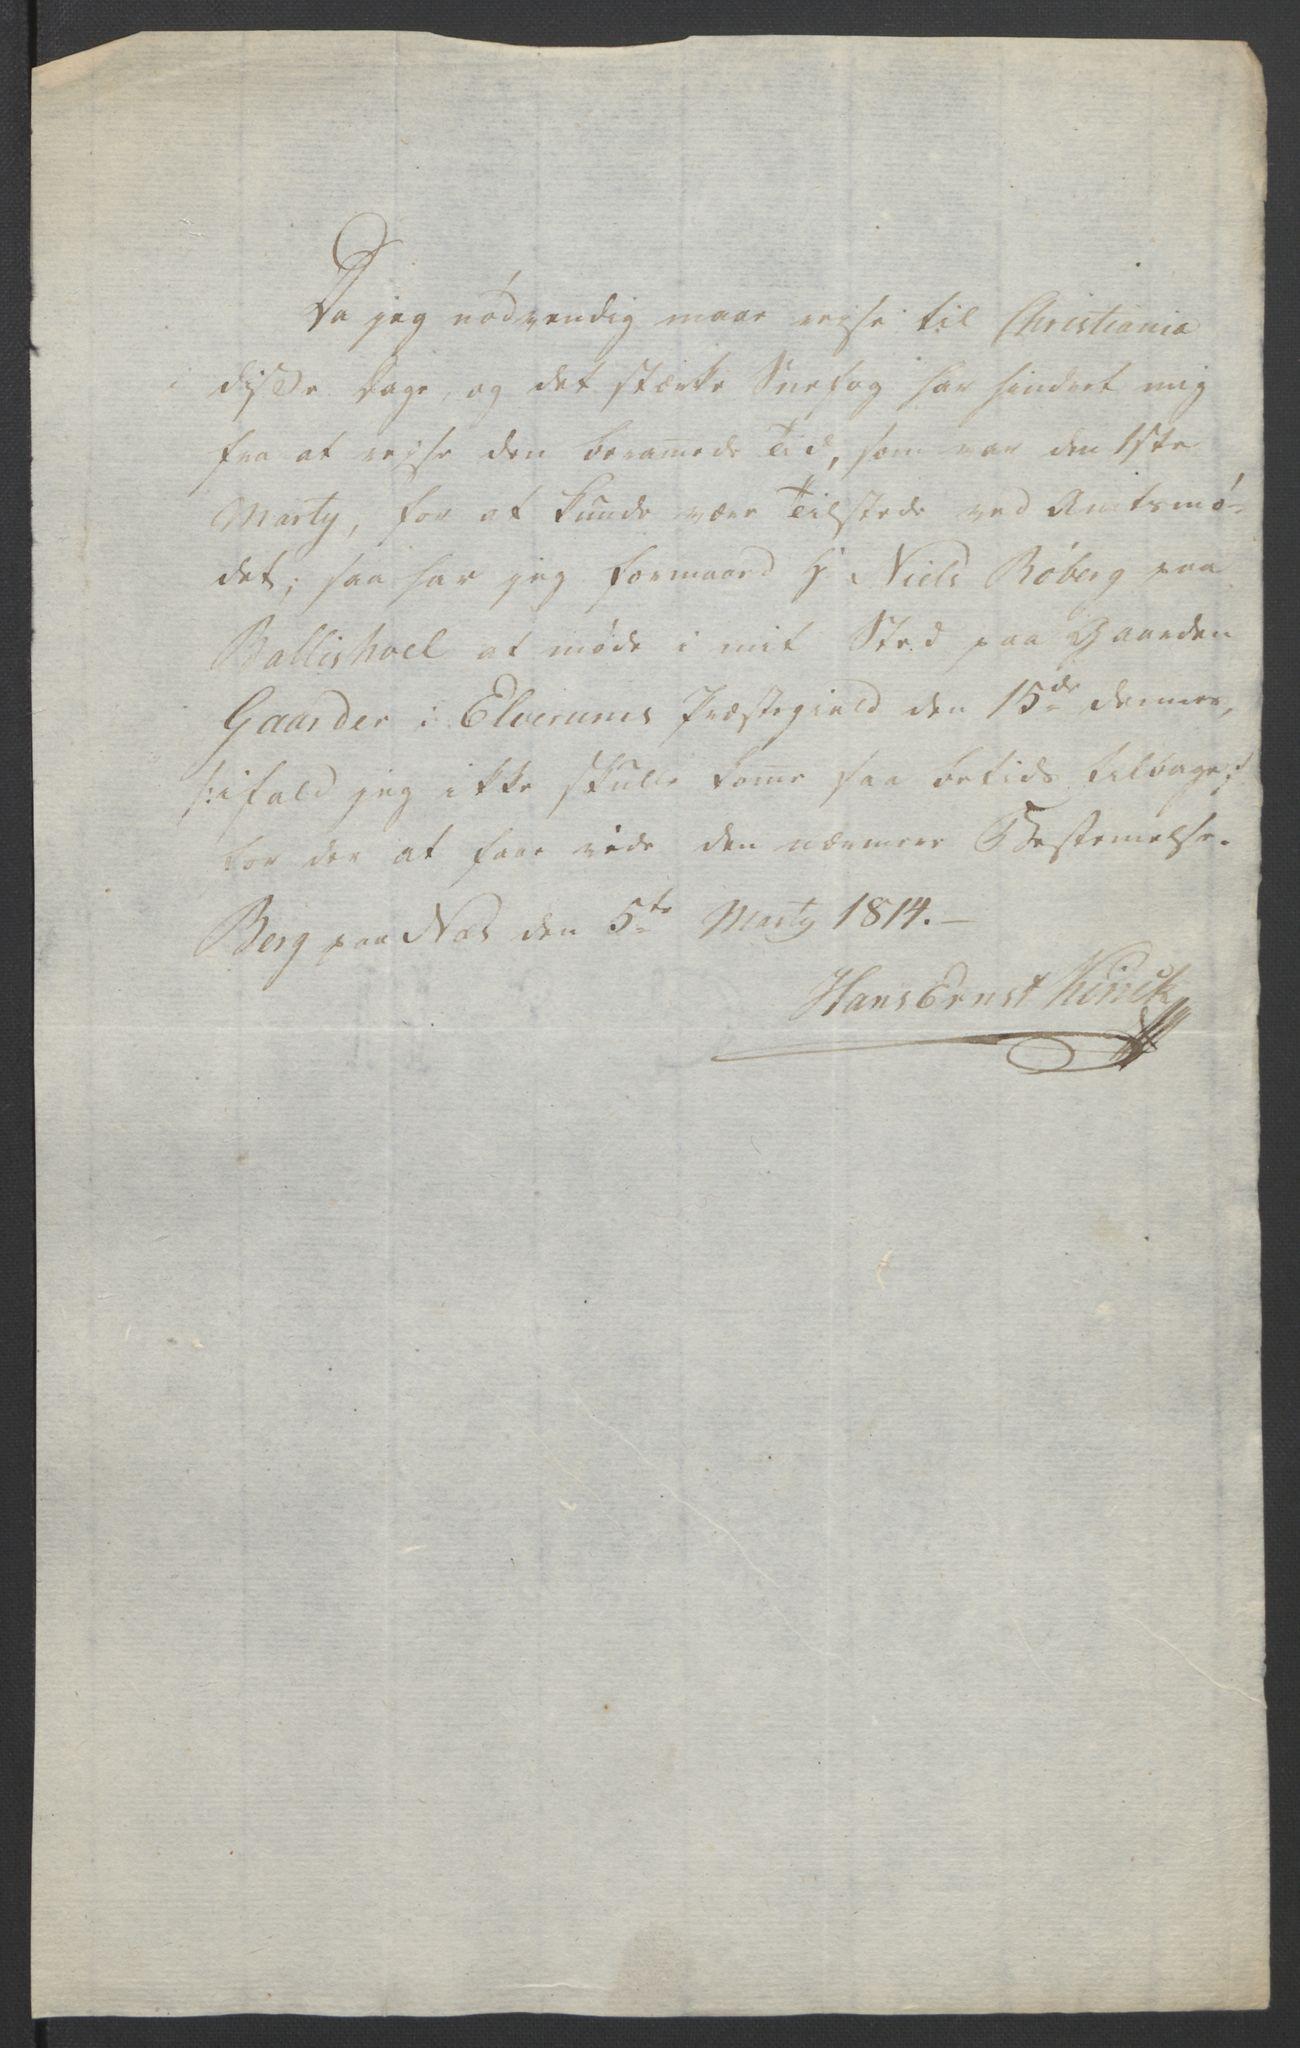 RA, Statsrådssekretariatet, D/Db/L0007: Fullmakter for Eidsvollsrepresentantene i 1814. , 1814, s. 229